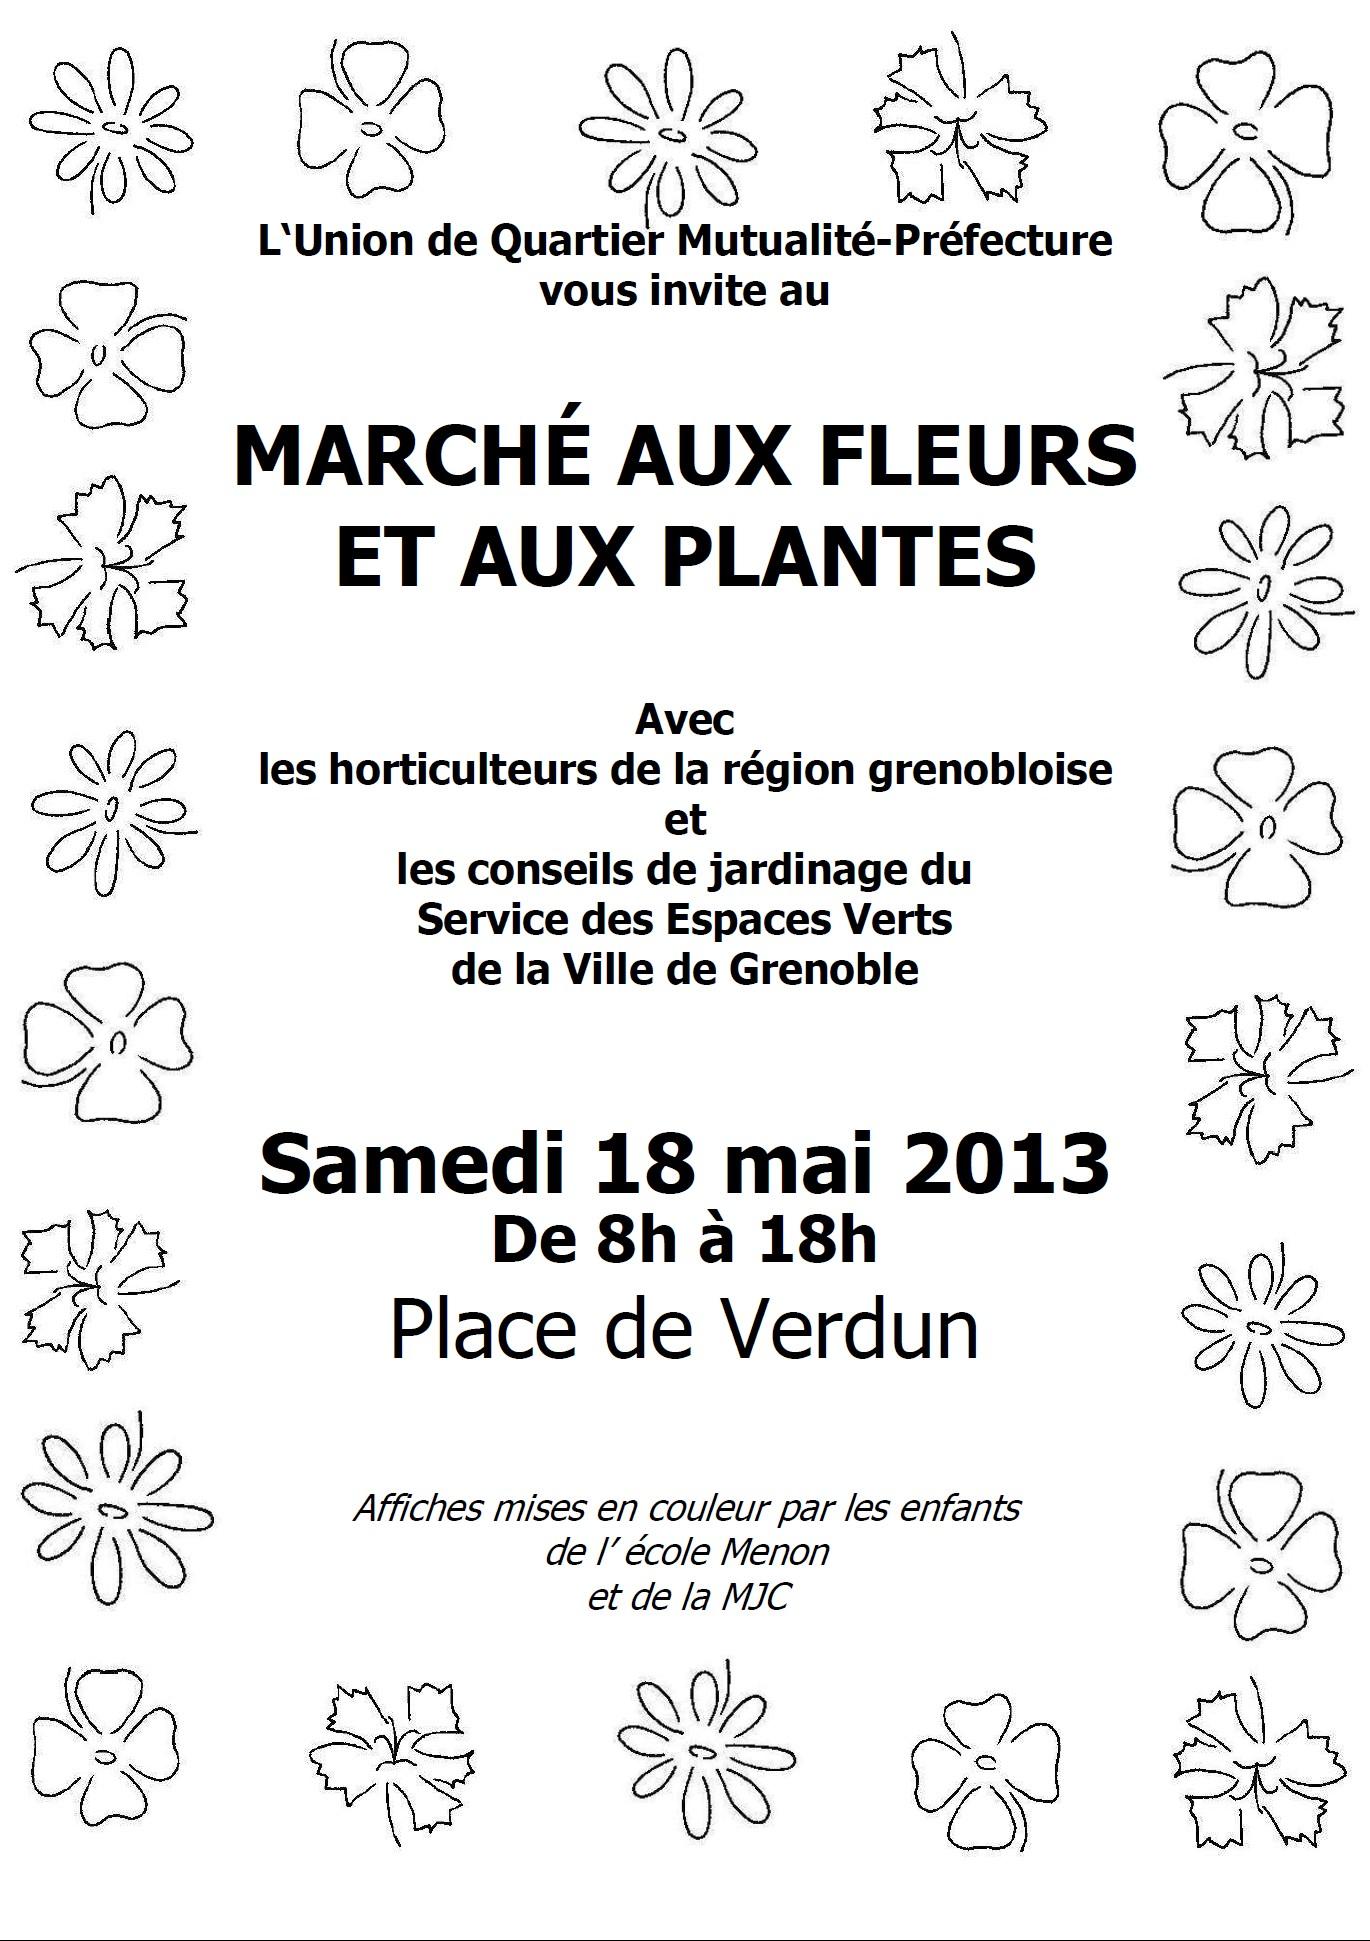 affiche marché fleurs 2013 - UQ mut pref